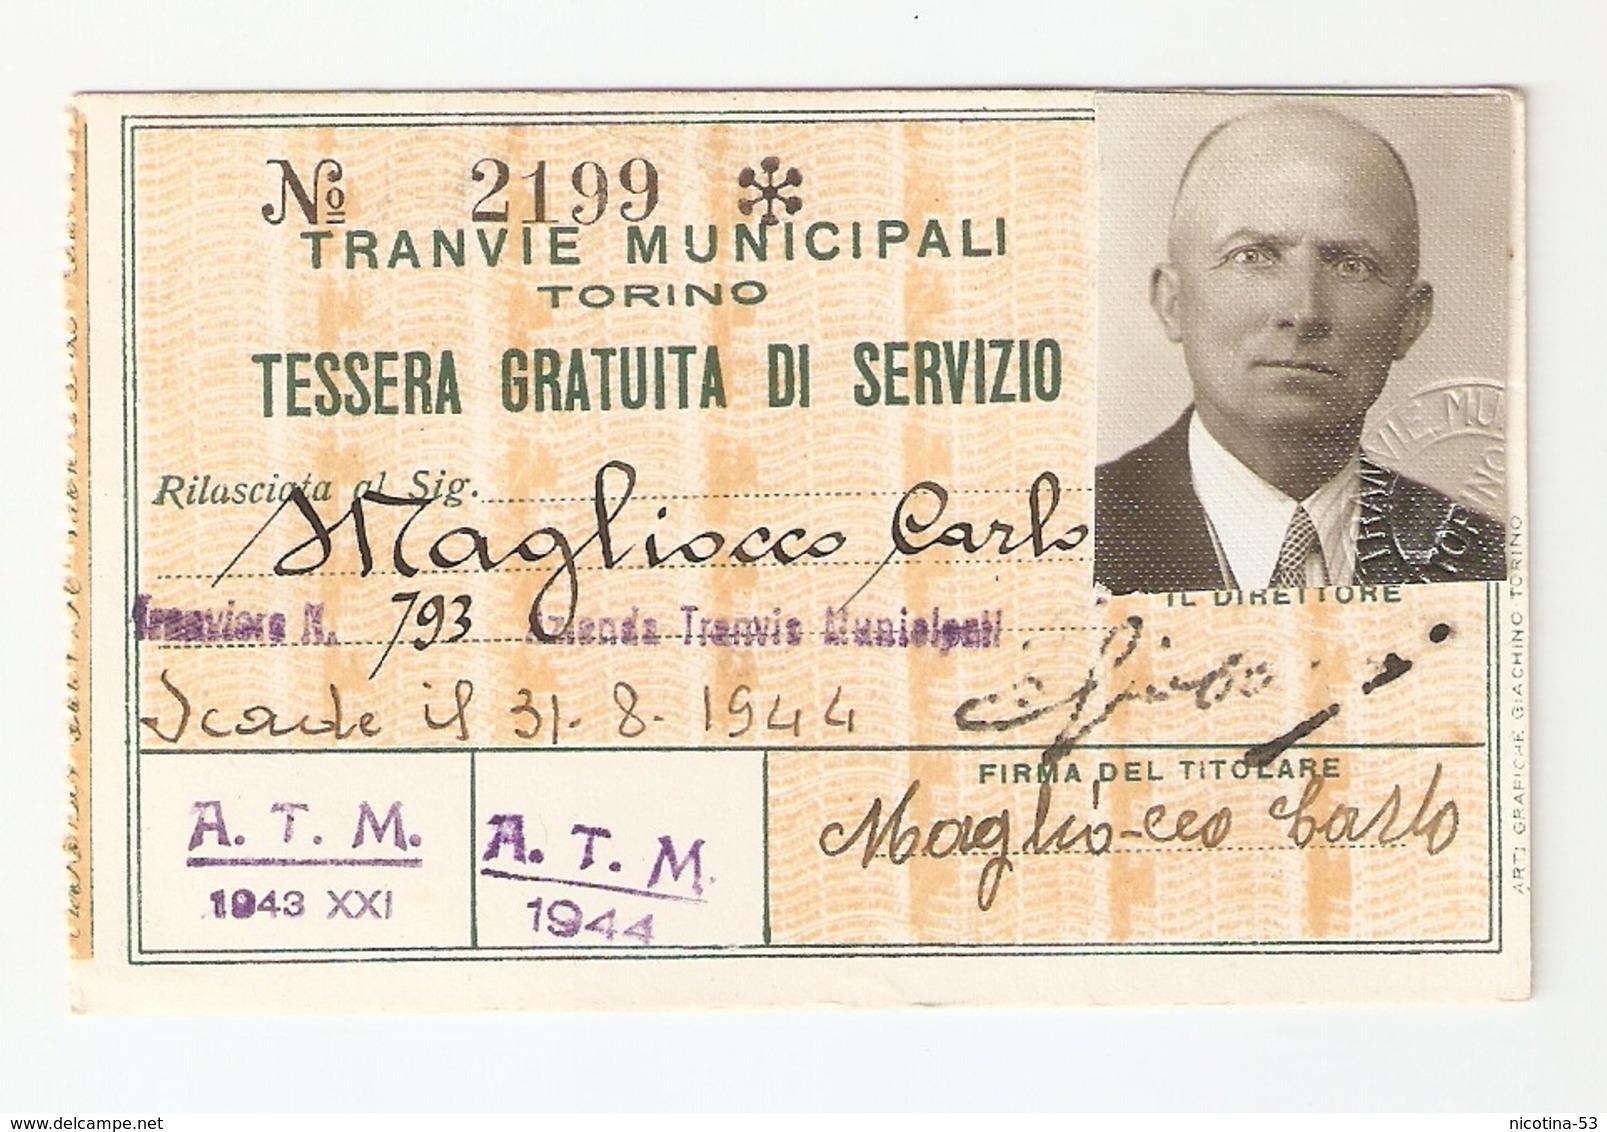 BIGLI--0007-- TRANVIE MUNICIPALI TORINO - TESSERA GRATUITA DI SERVIZIO - ANNO 1943/1944 - Abbonamenti